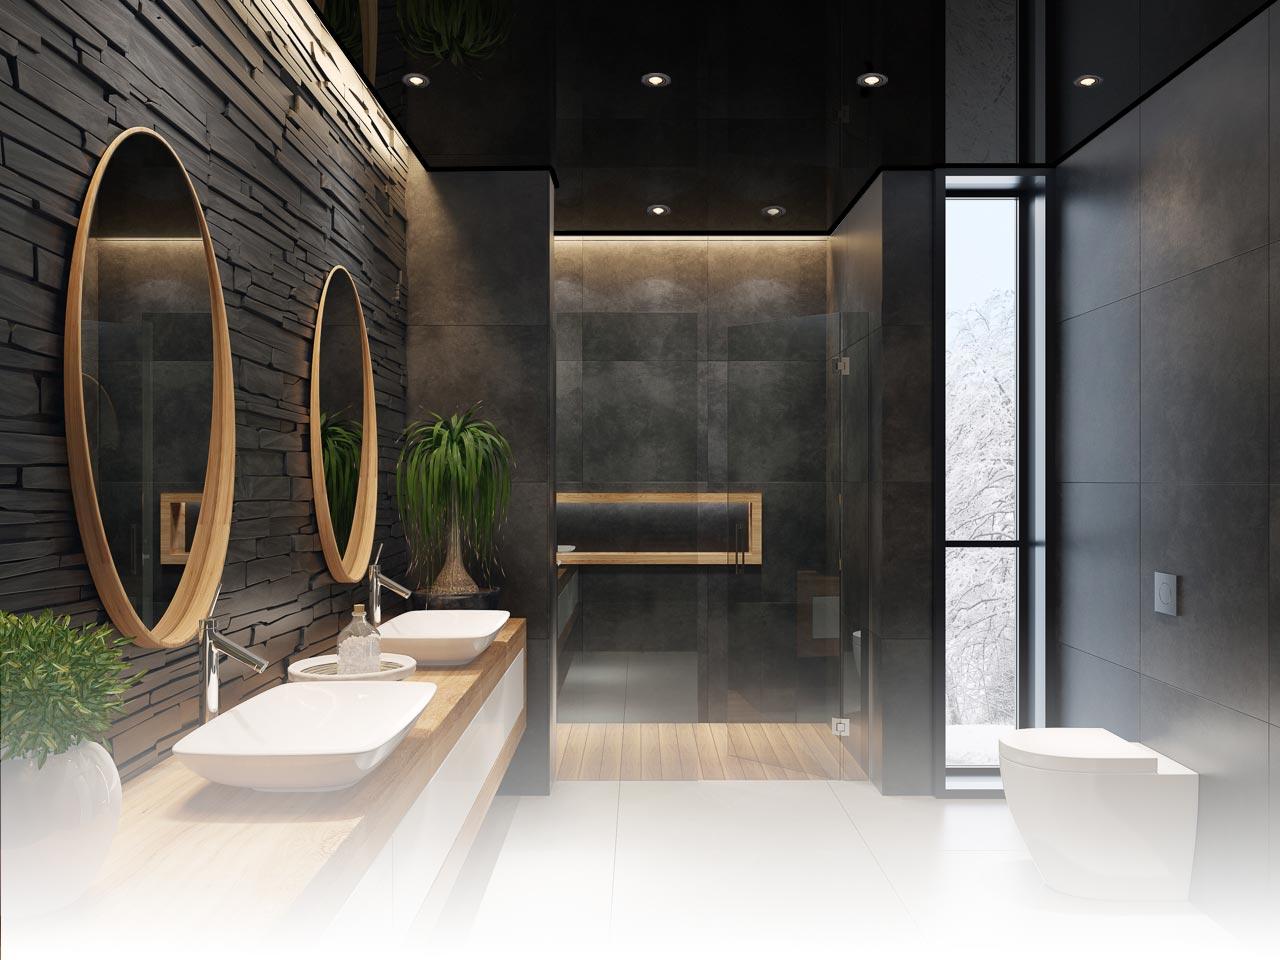 Spanndecke im Badezimmer